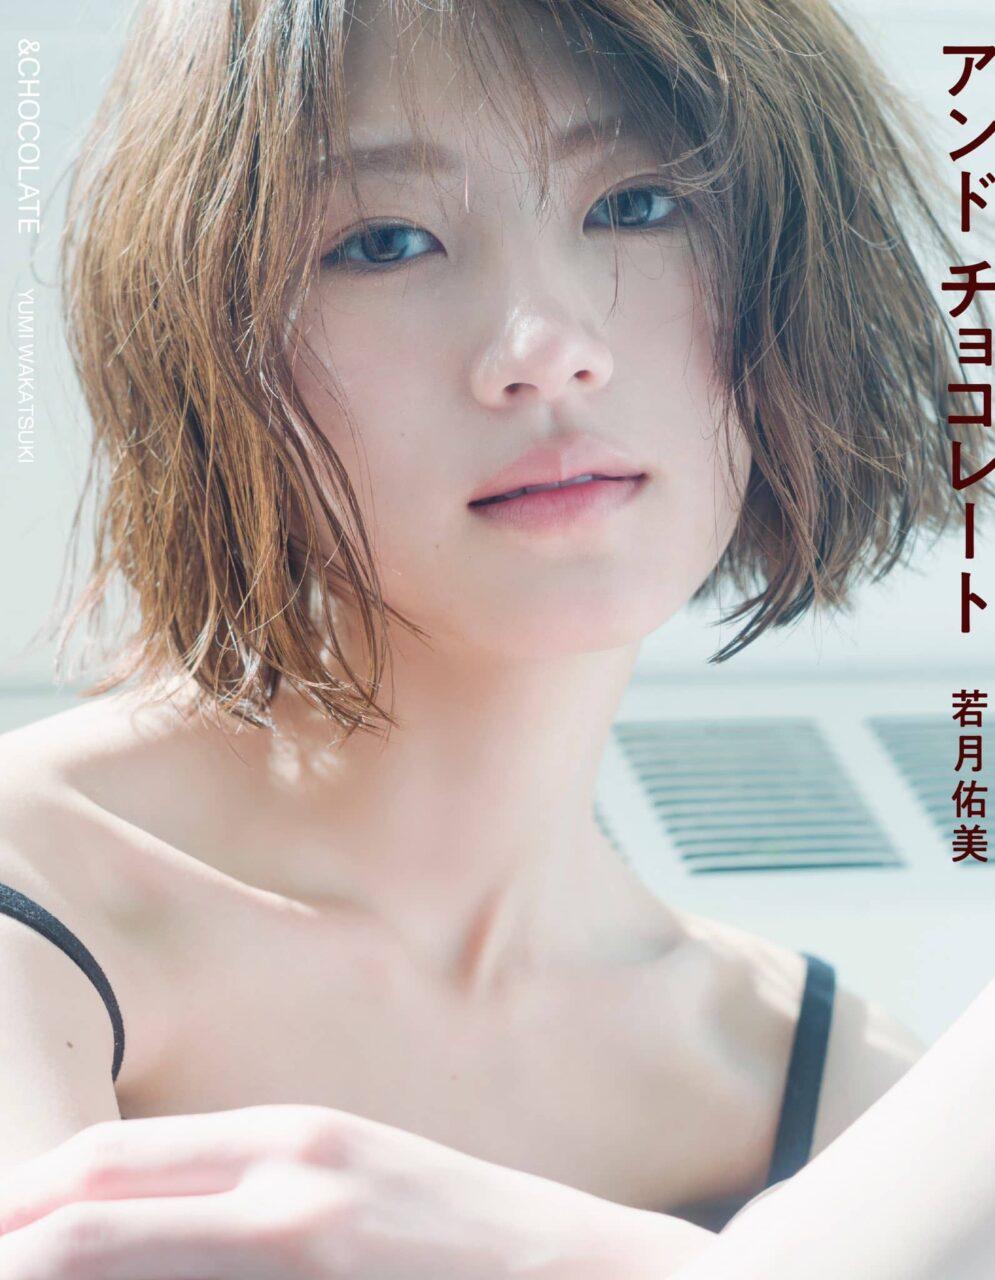 若月佑美 2nd写真集「アンド チョコレート」